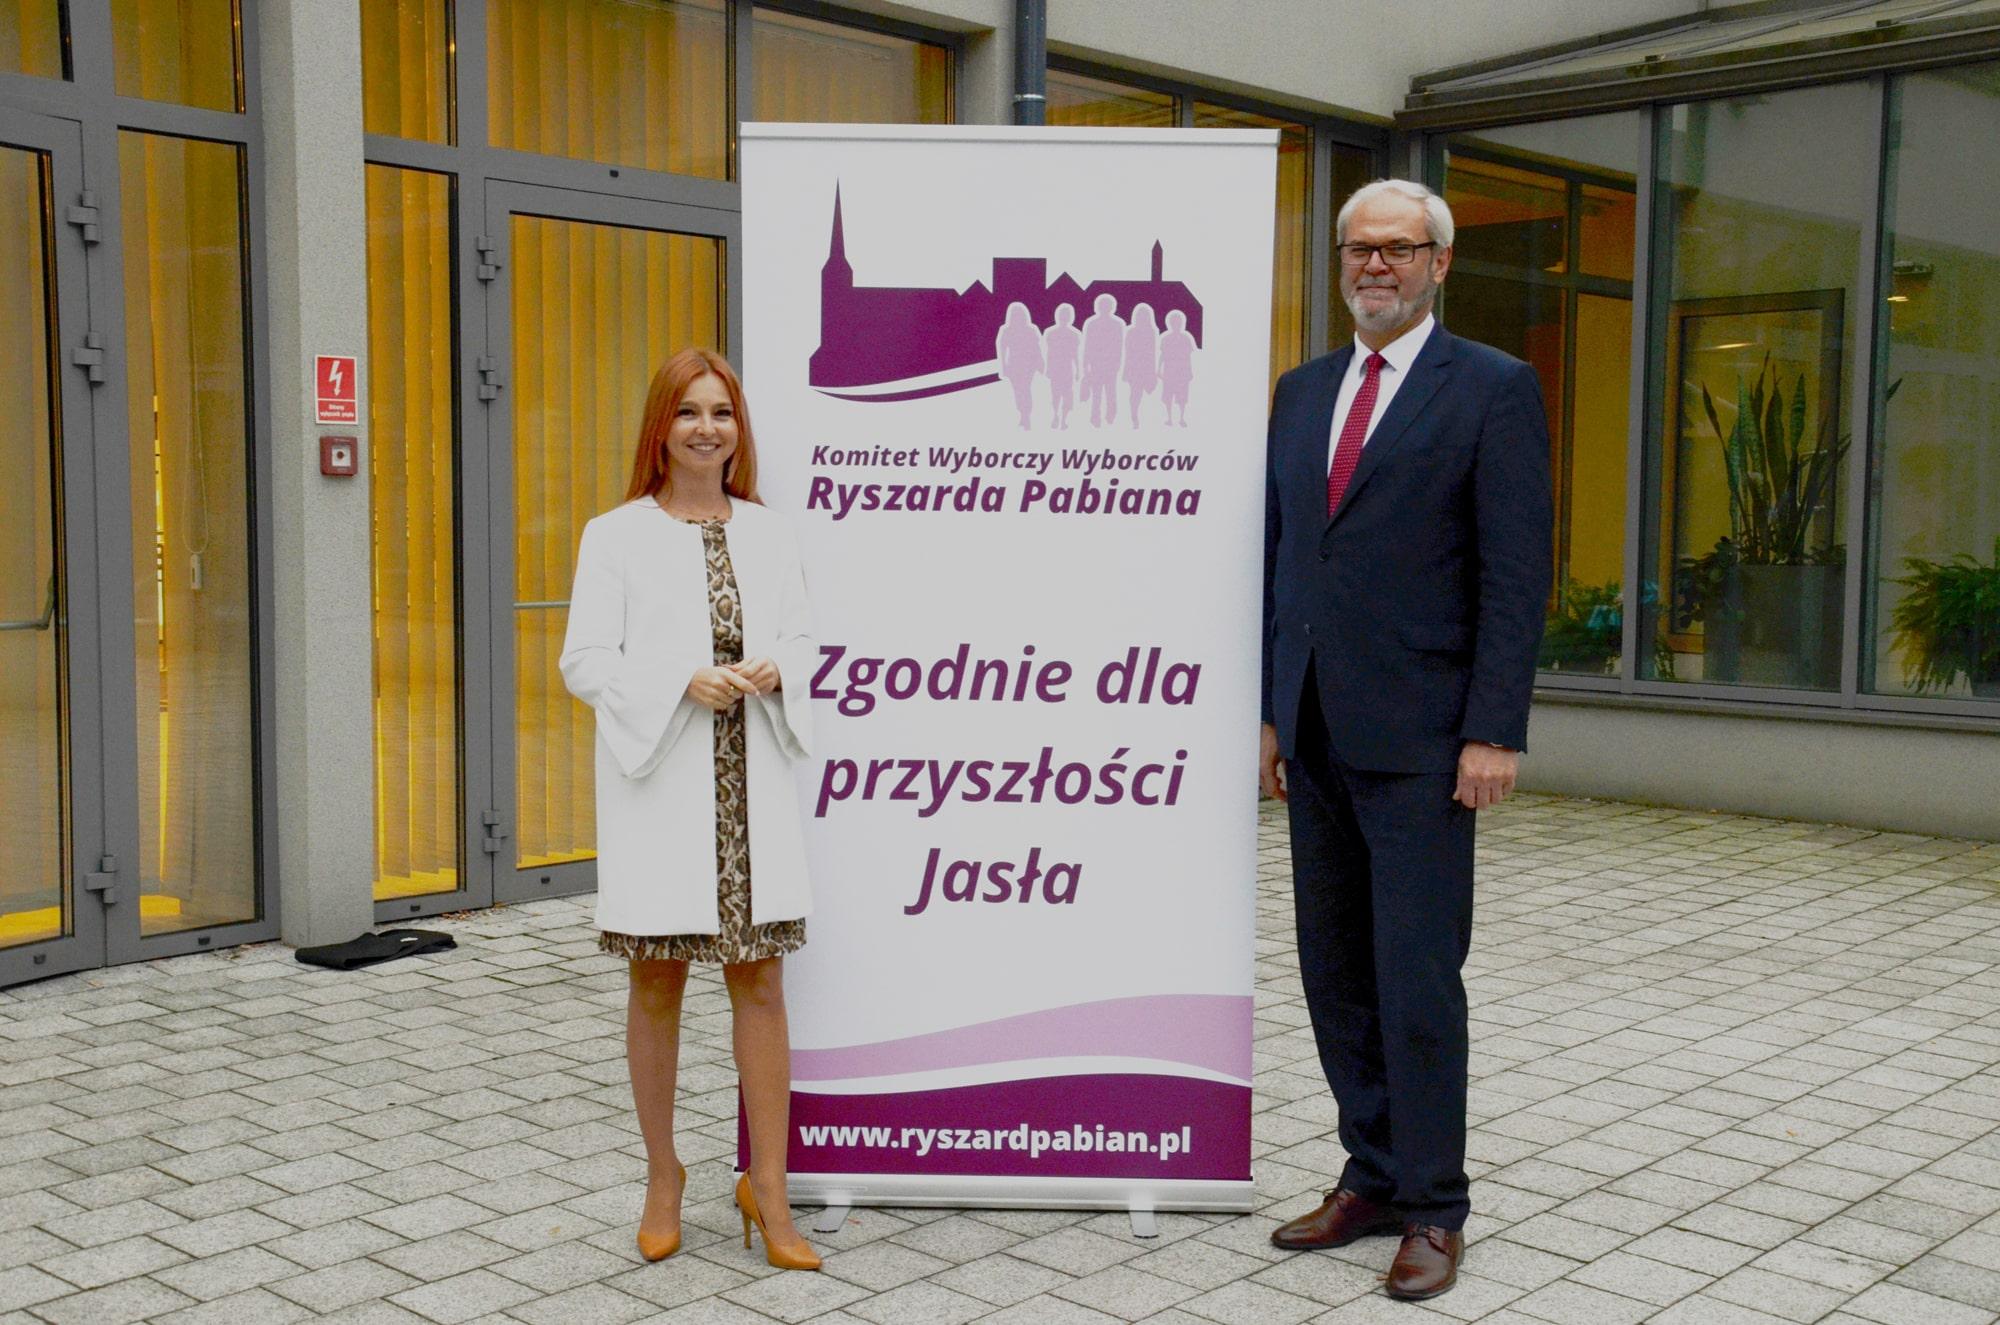 Elwira Musiałowicz-Czech KWW Ryszarda Pabiana